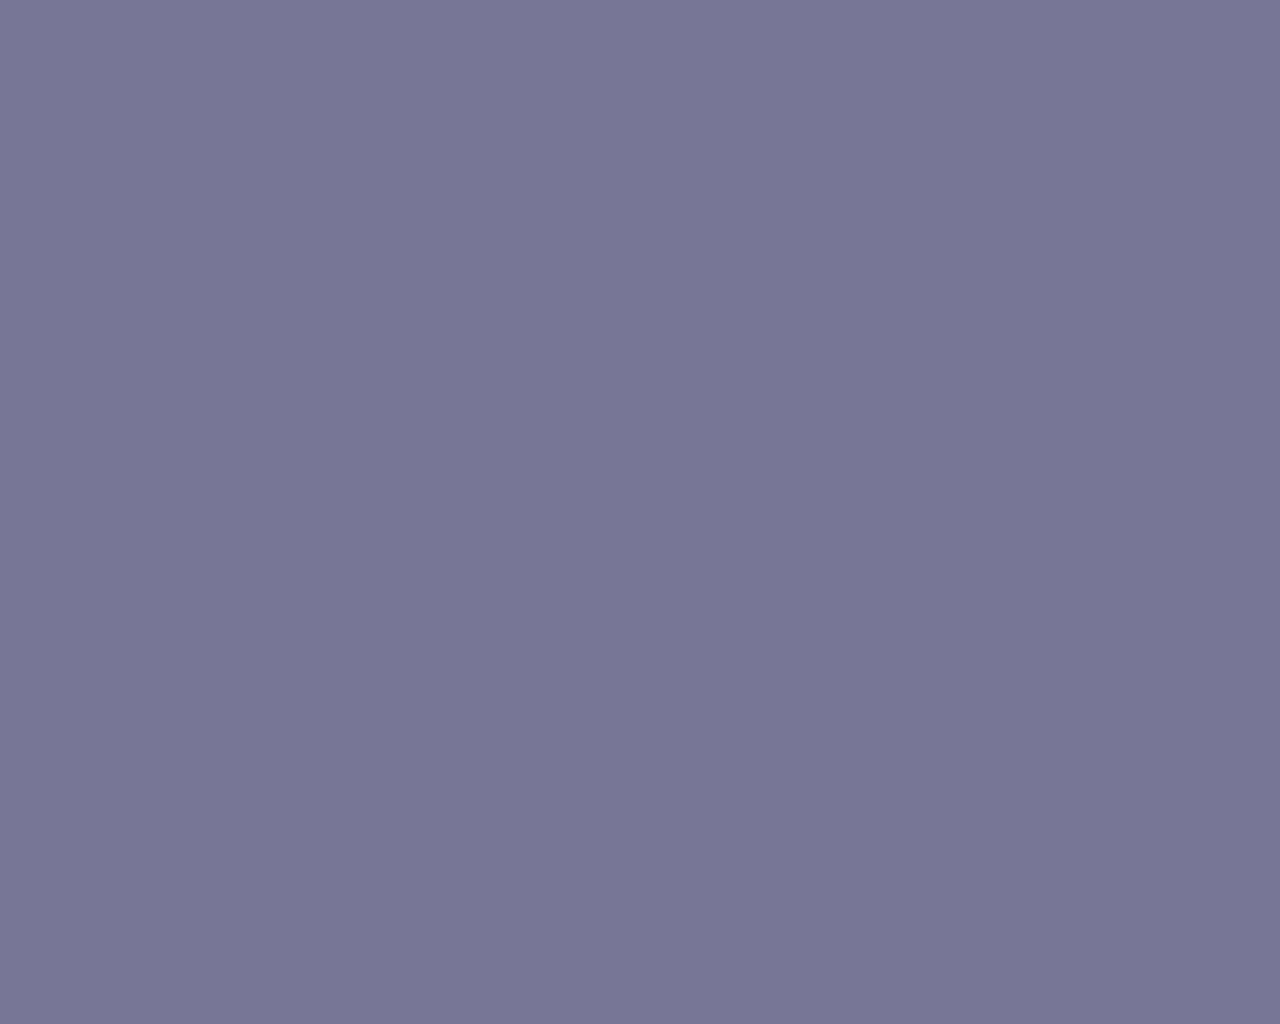 1280x1024 Rhythm Solid Color Background